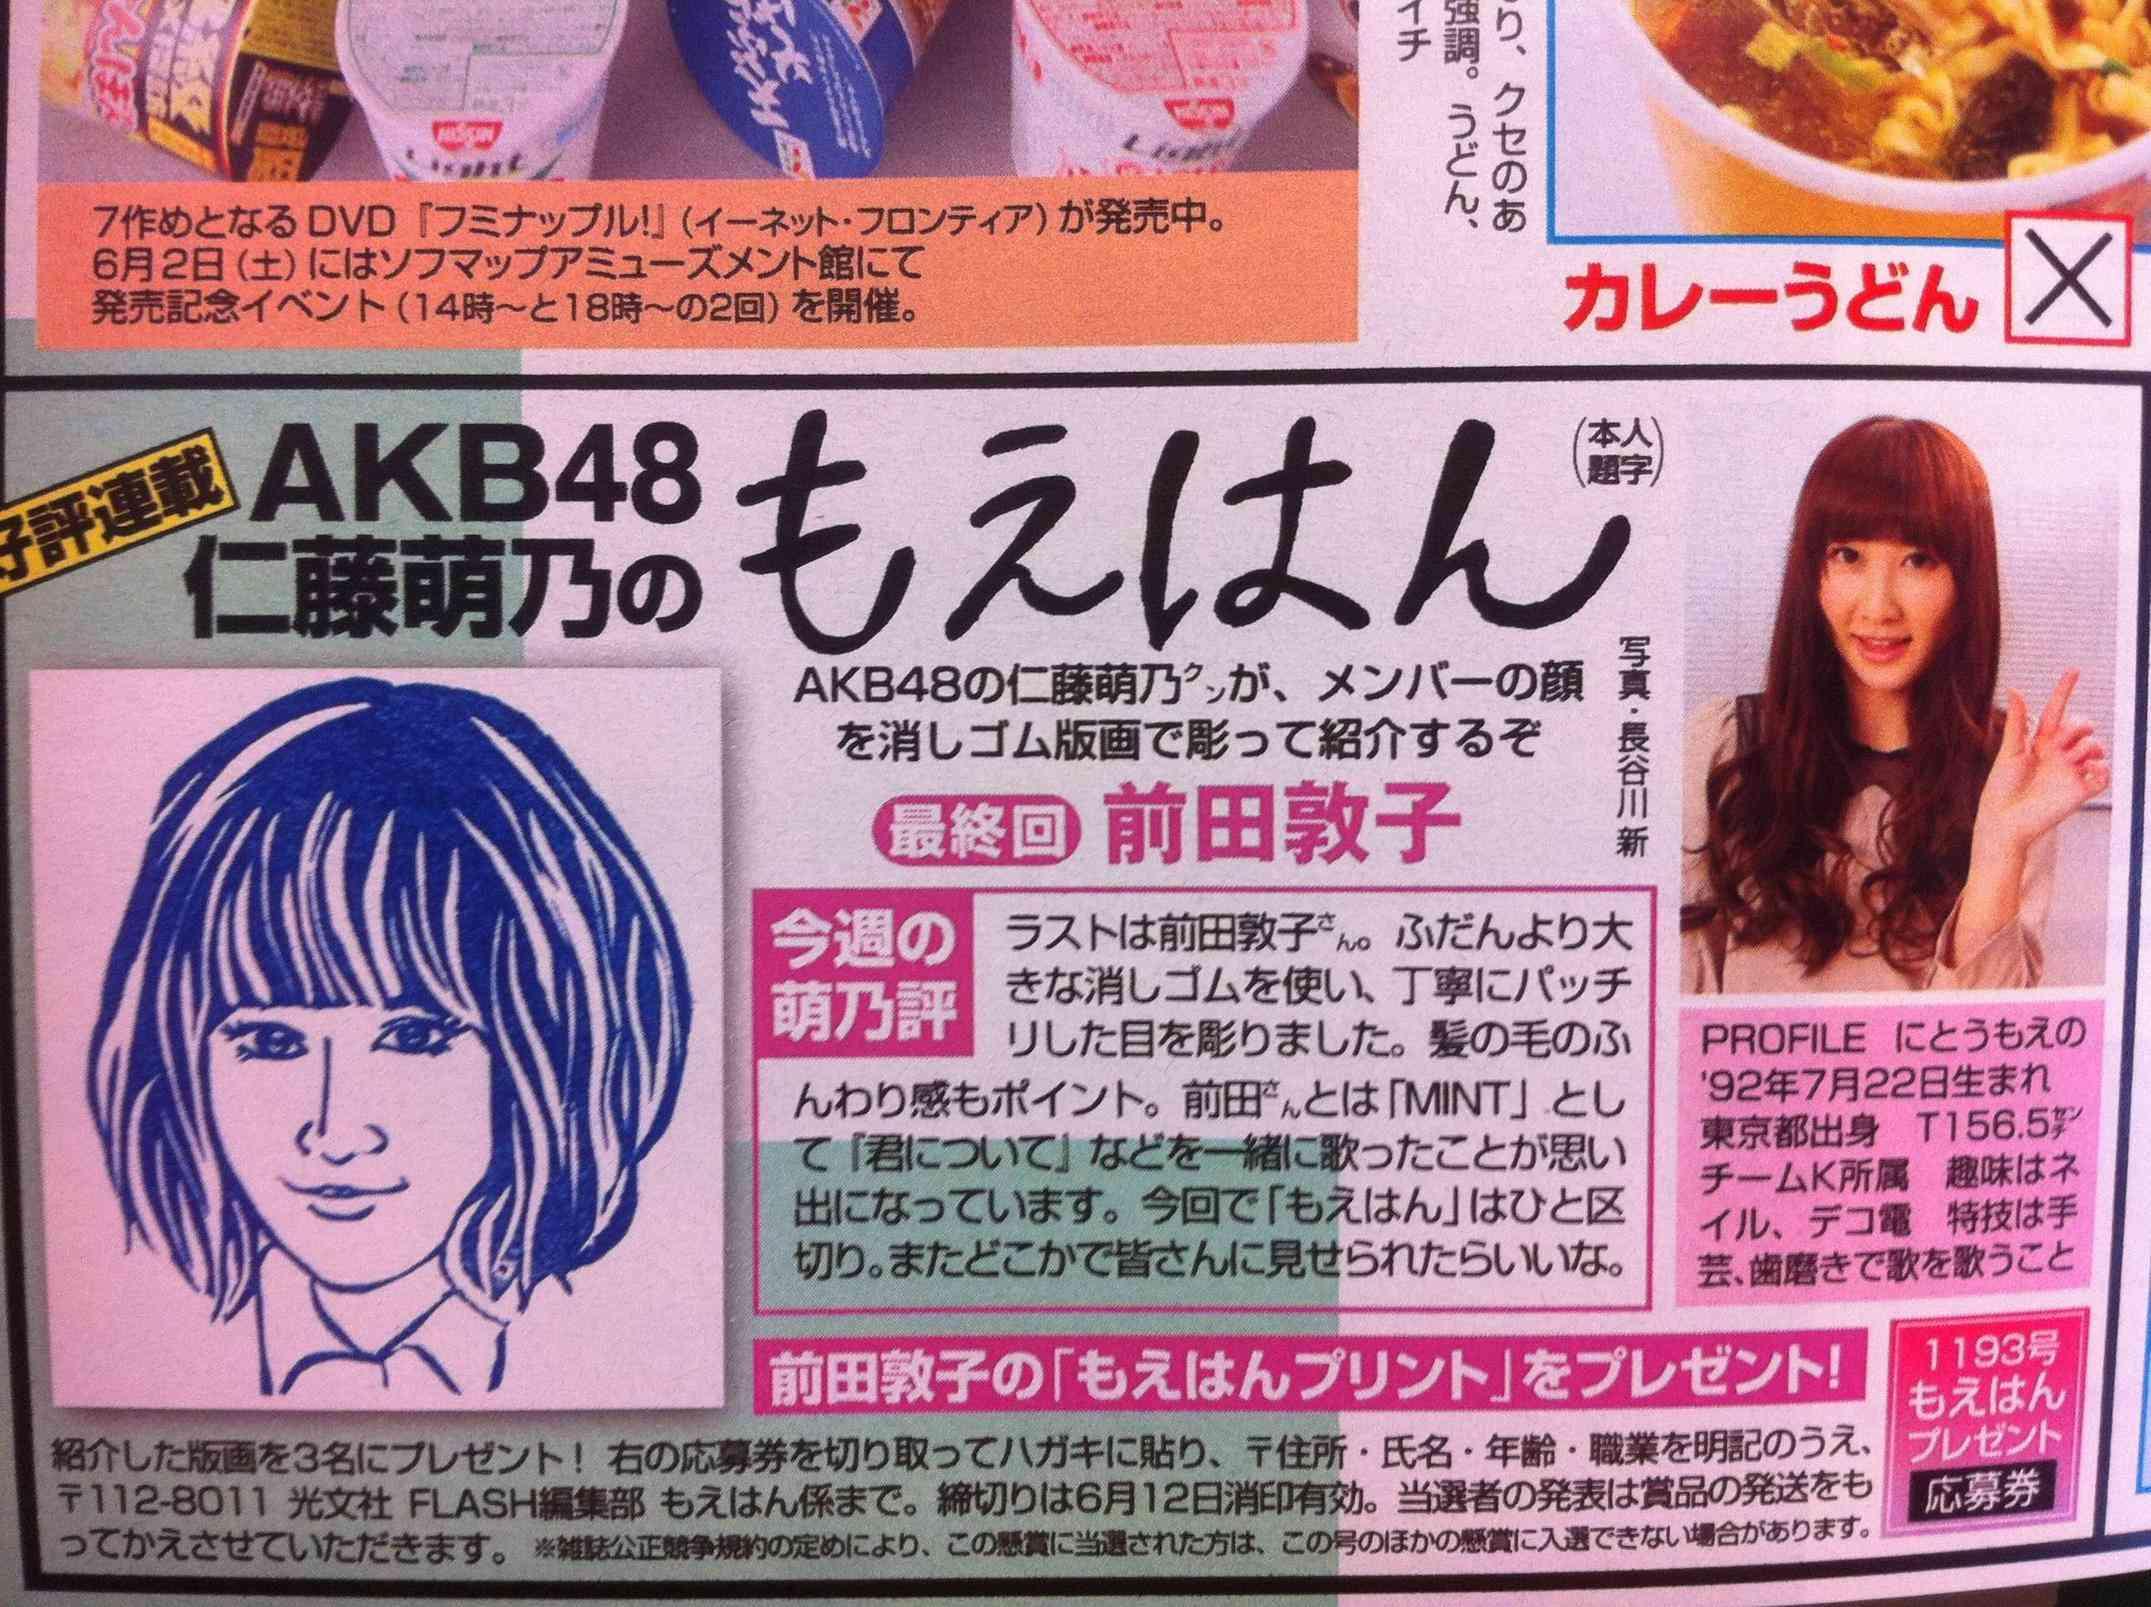 AKB48仁藤萌乃の「消しゴム版画」をロンブー淳が大絶賛!「すげぇクオリティの高さ」